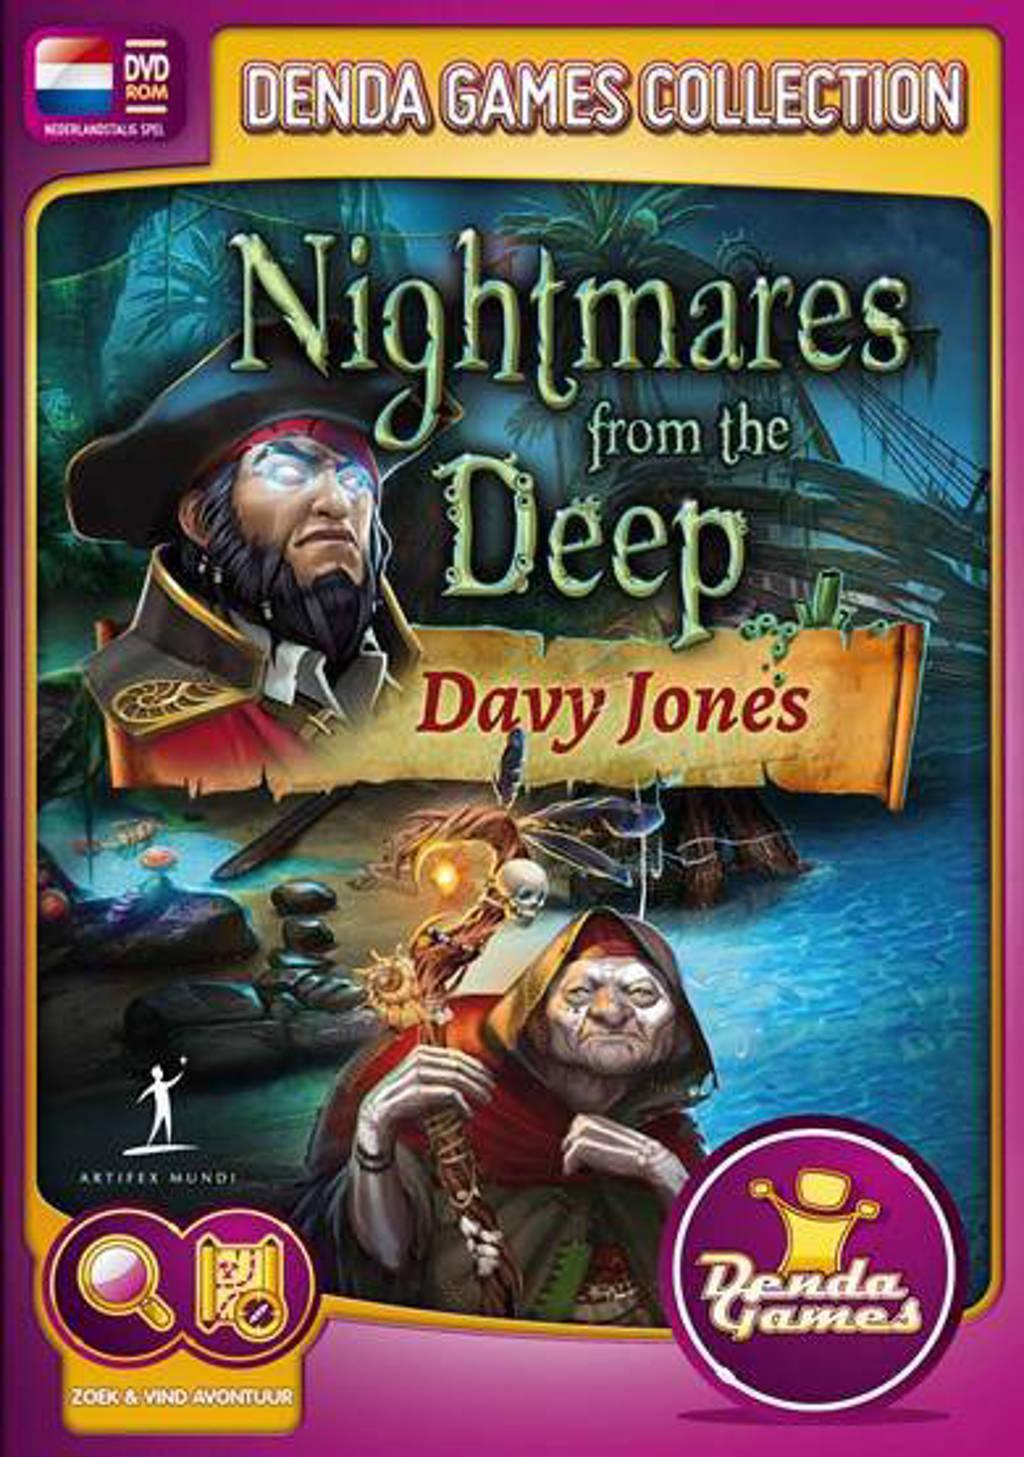 Nightmares from the deep 3 - Davy Jones (PC)